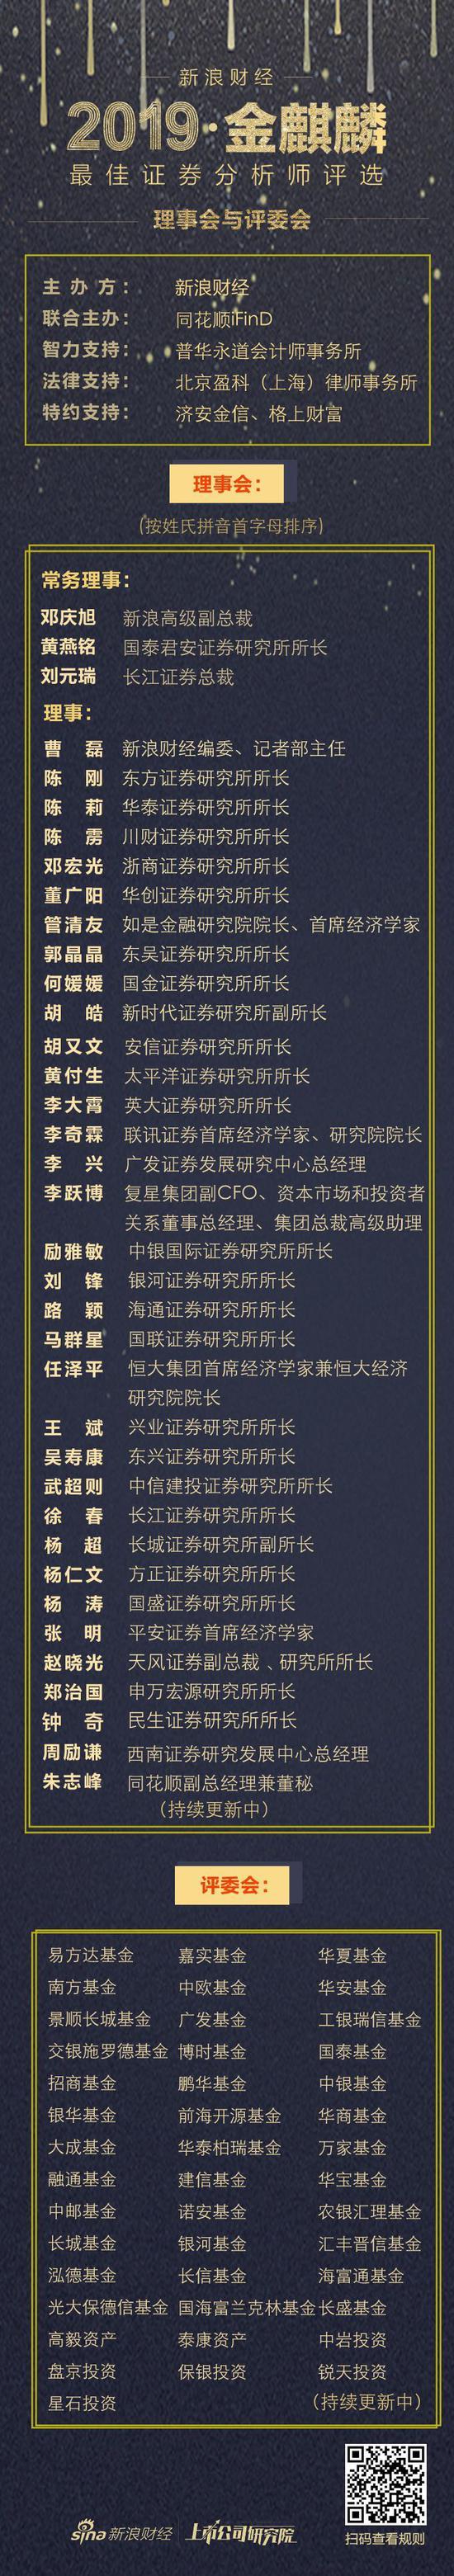 新浪财经2019金麒麟最佳证券分析师评选理事会评委会